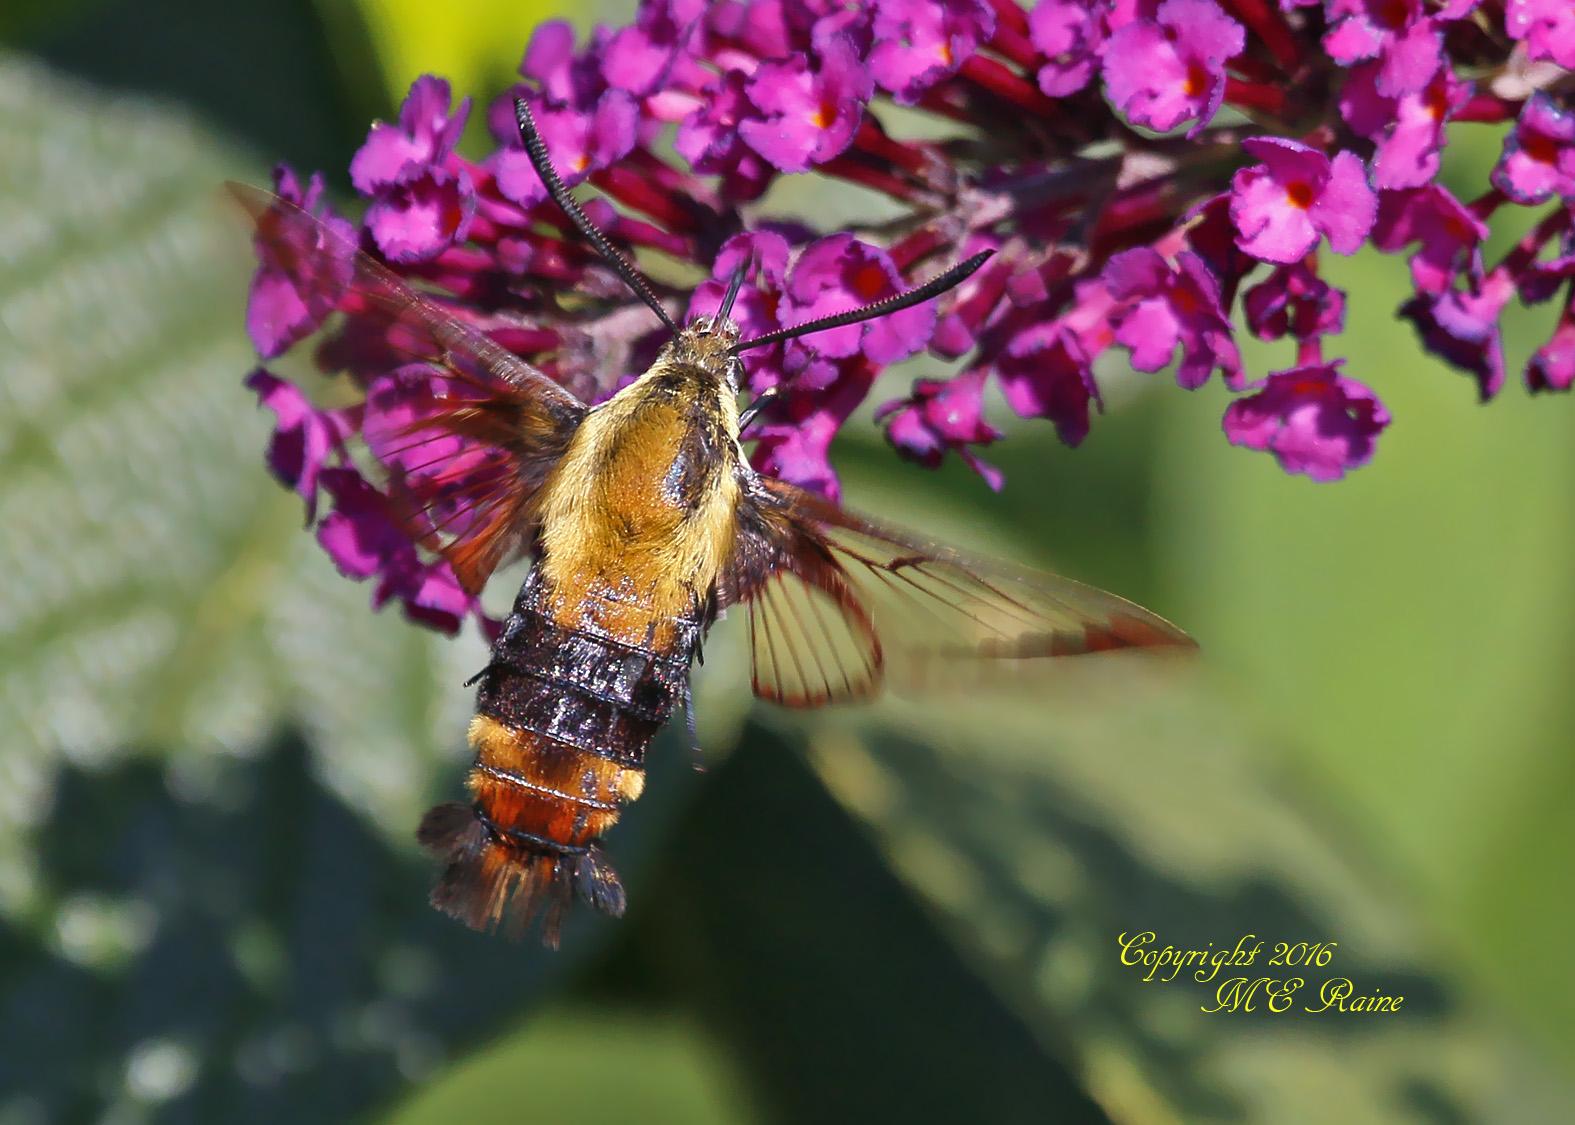 hummingbird-moth-dekorte-mickey-9-4-16